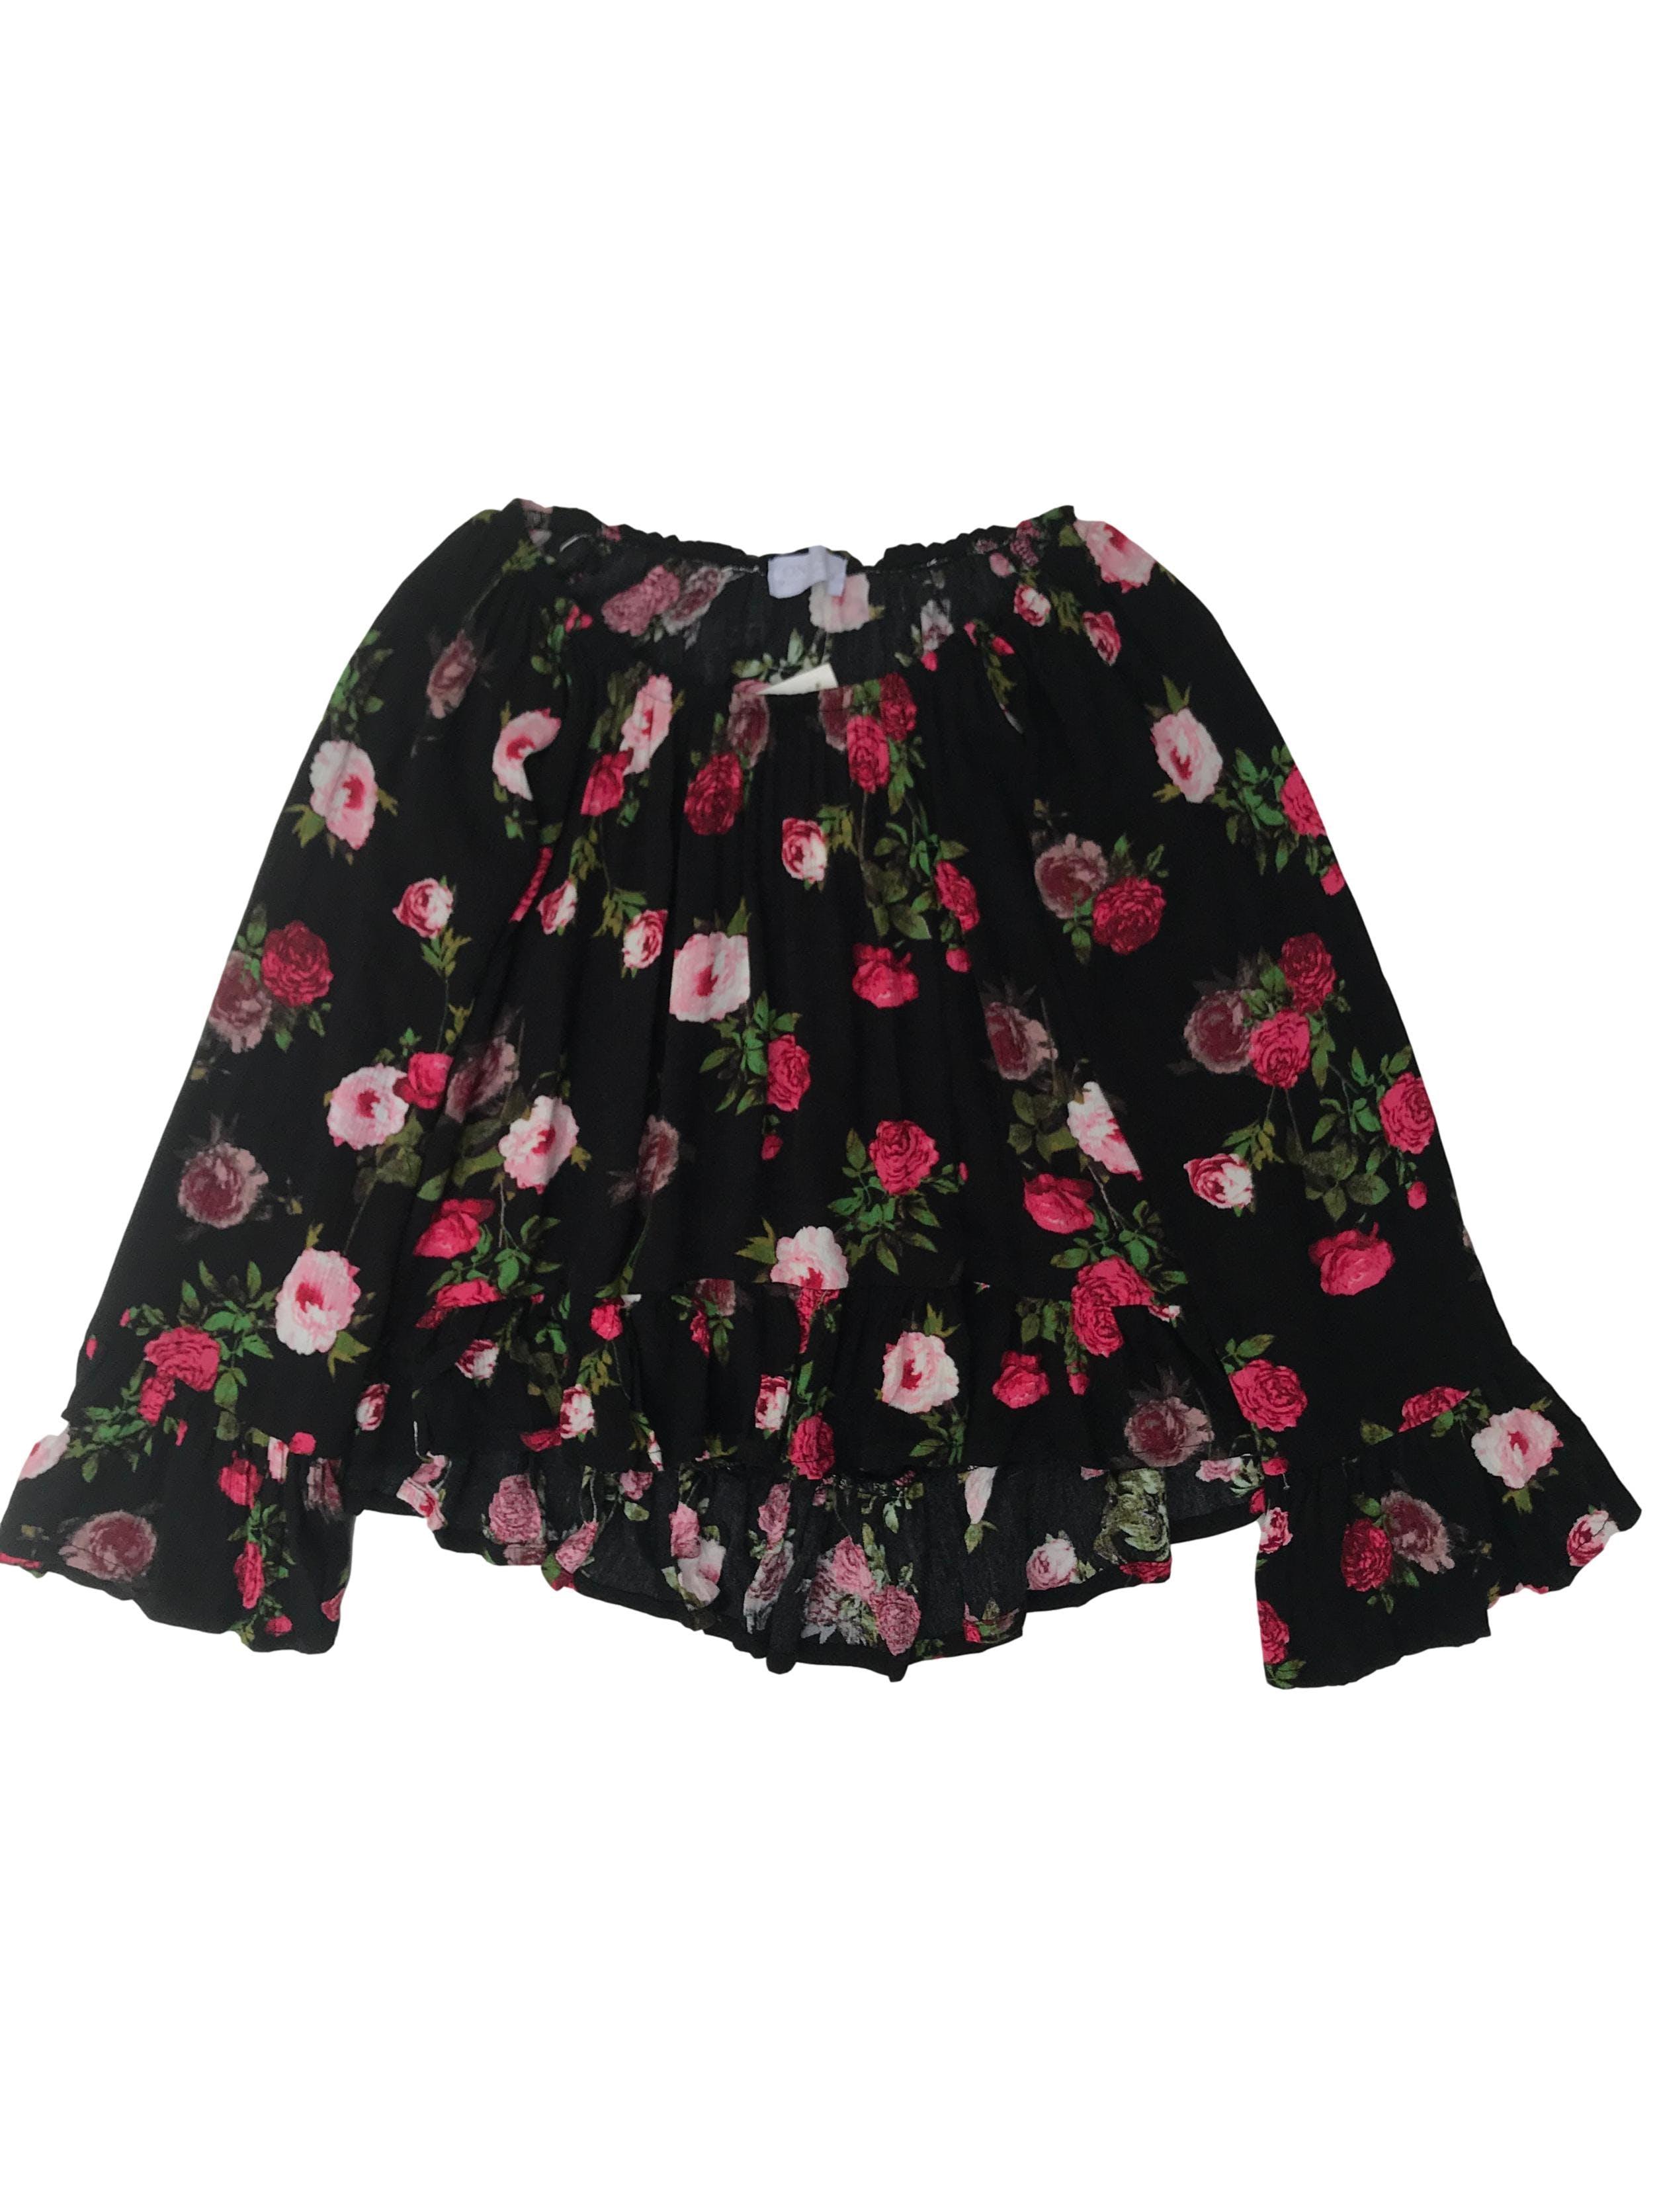 Blusa off shoulder negra con print de flores, volantes en la basta y puños, cuerpo asimétrico más largo atrás